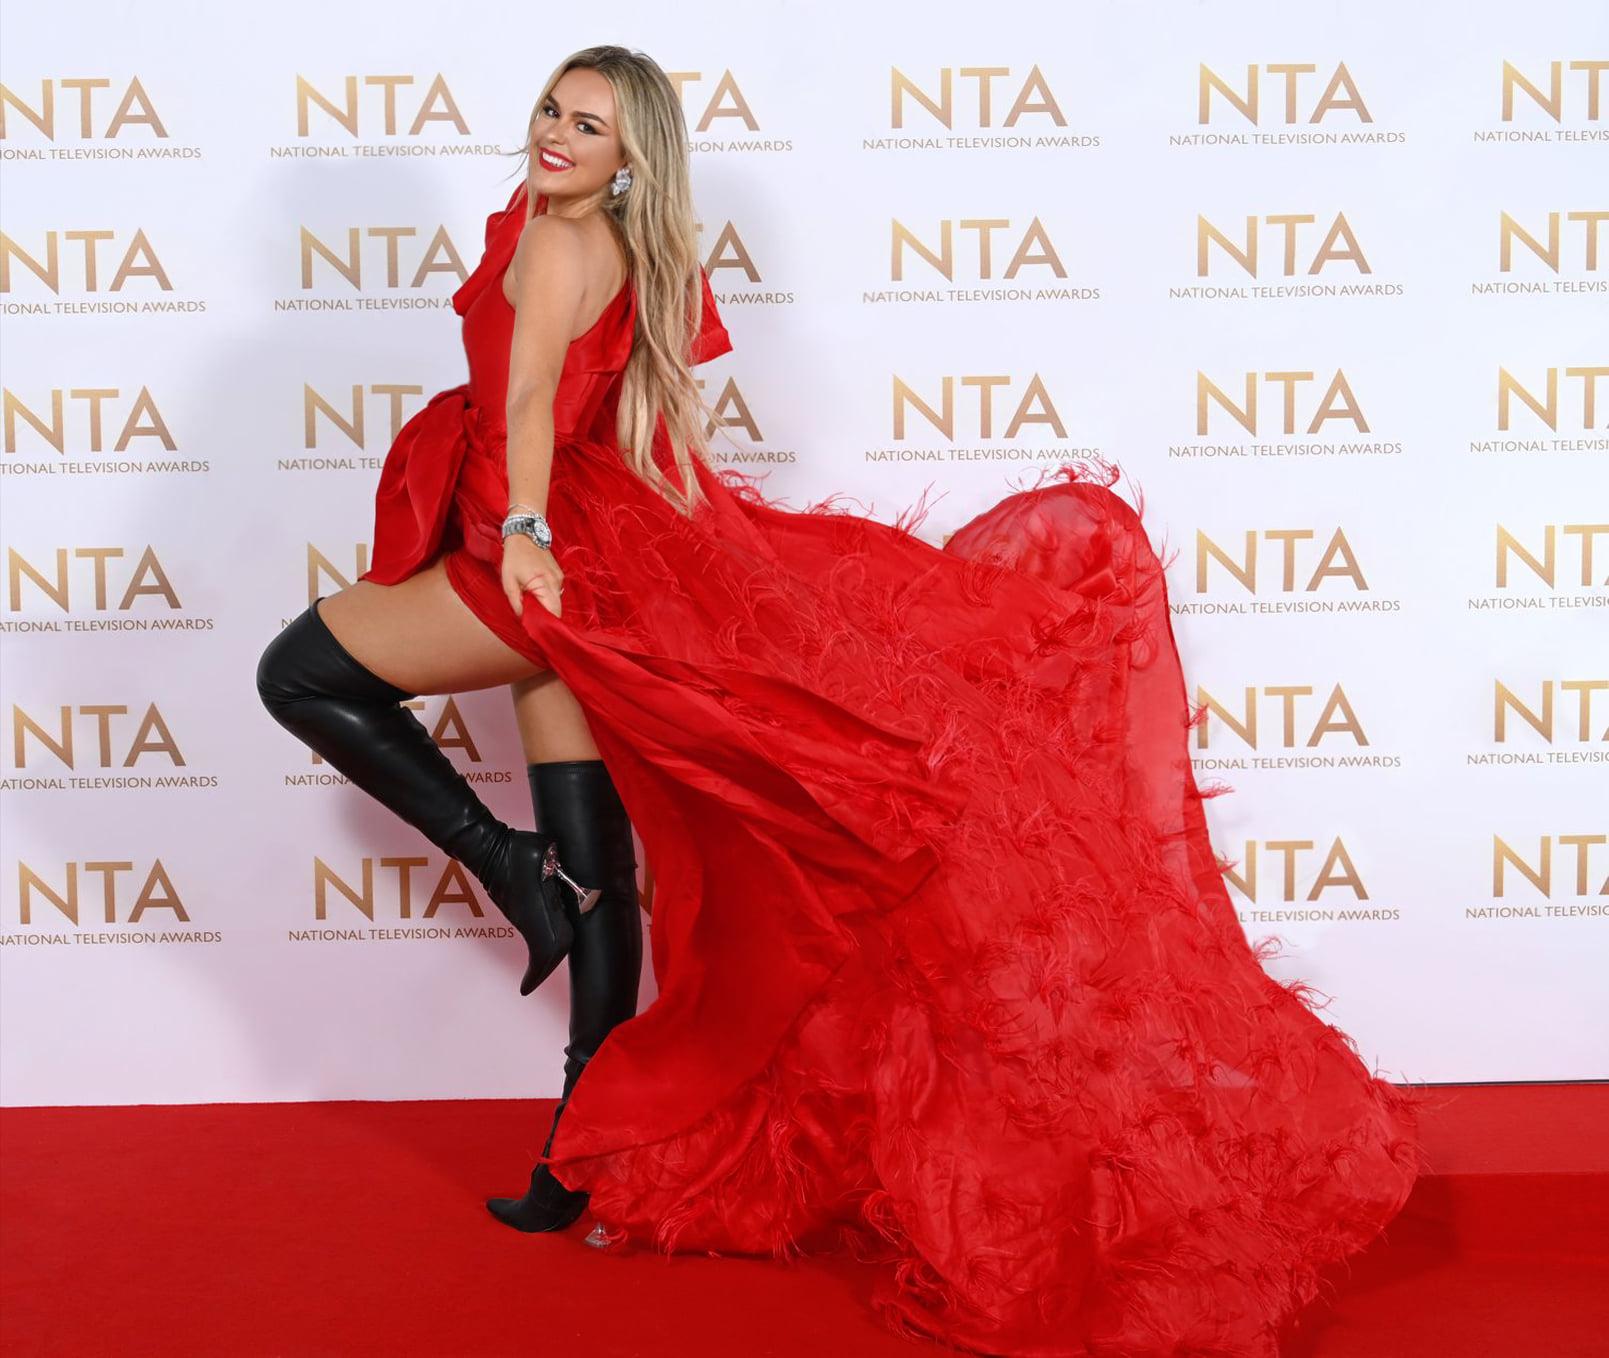 Thoạt nhìn, trang phục trông nữ tính, điệu đà những vẫn táo bạo nhờ đường xẻ tà sâu hút. Trên thảm đỏ, Tallia Storm có nhiều khoảnh khắc tạo dáng thú vị với chiếc váy bay bổng.